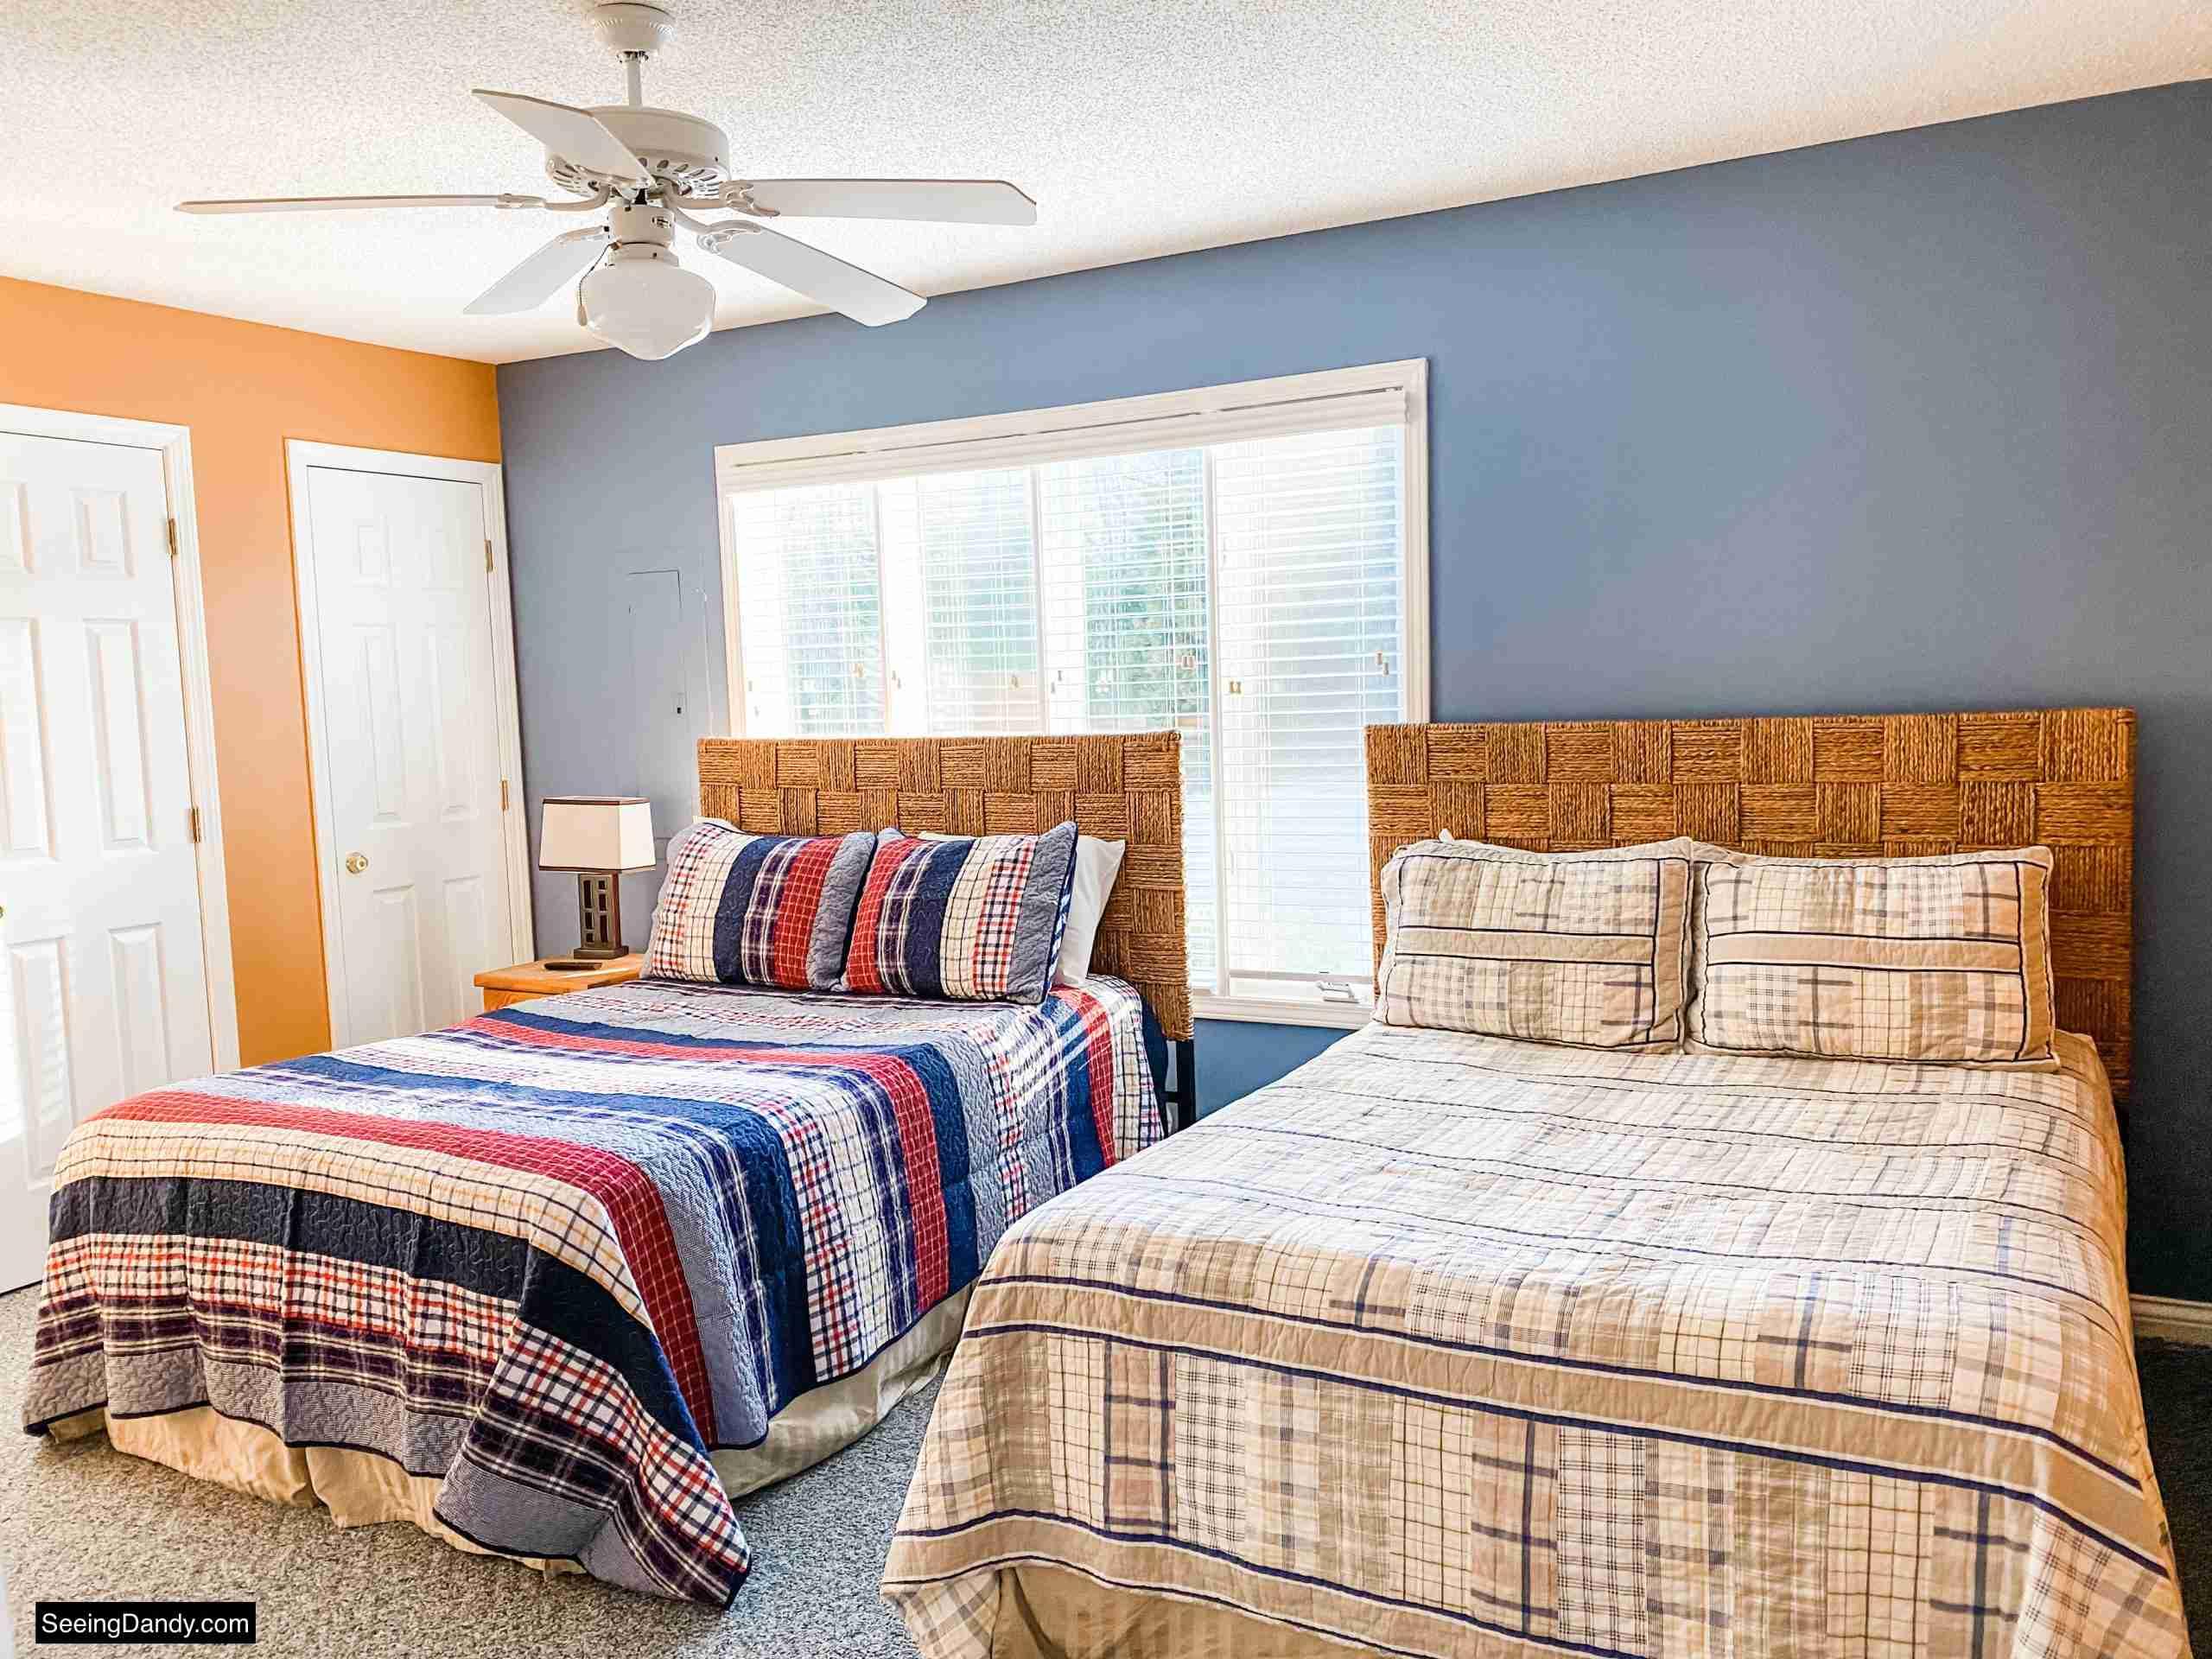 green turtle bay condo, elliebelle condo, nautical decor, nautical bedding